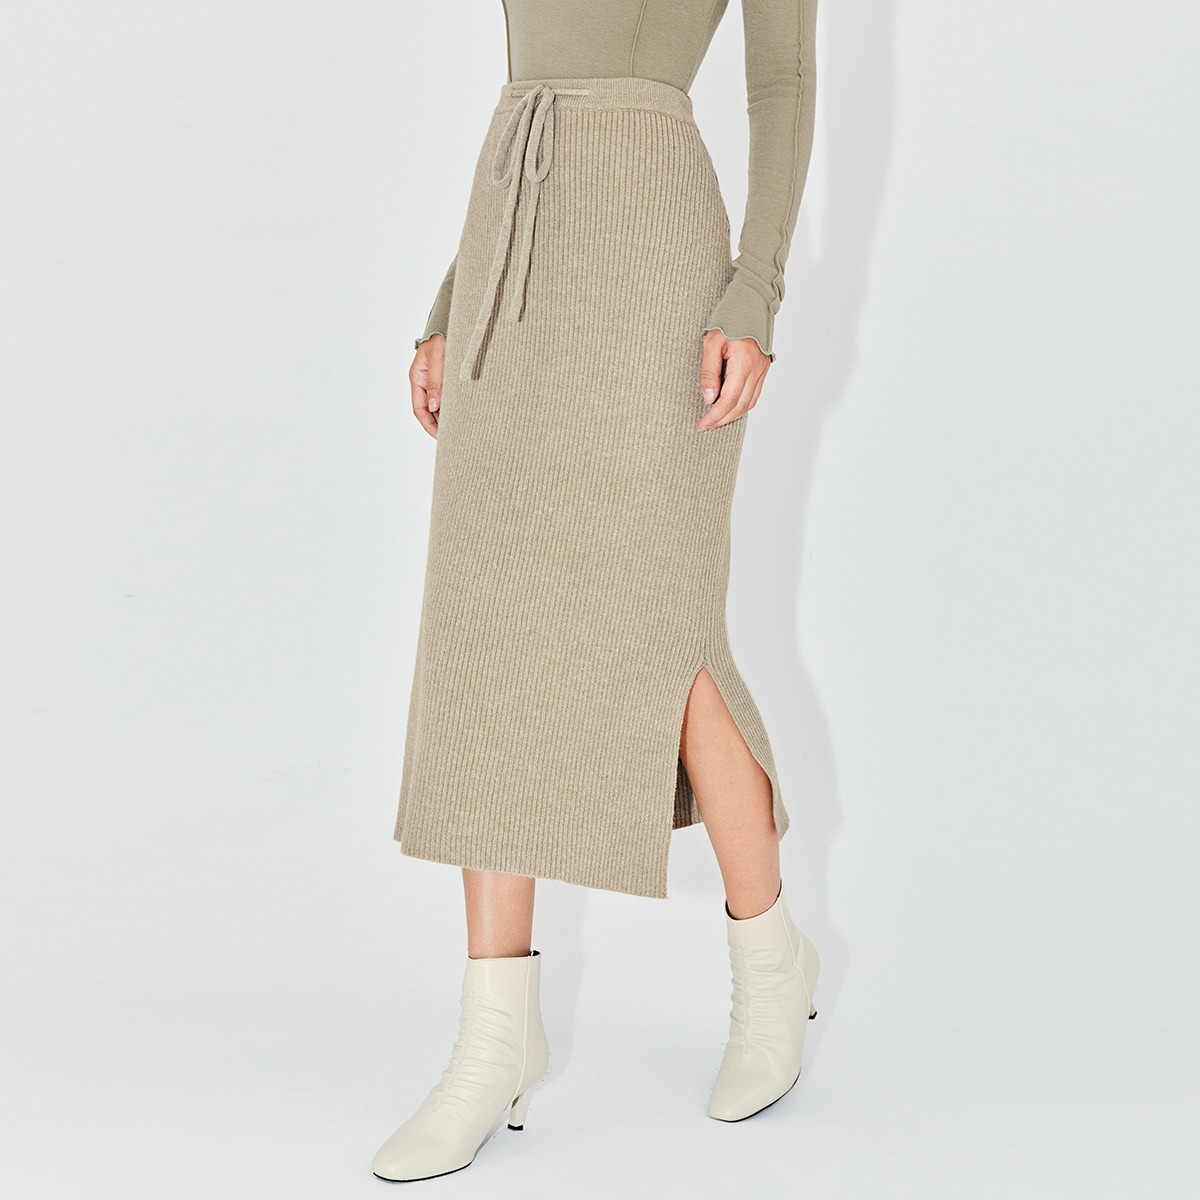 Трикотажный одноцветный повседневный вязаные юбки